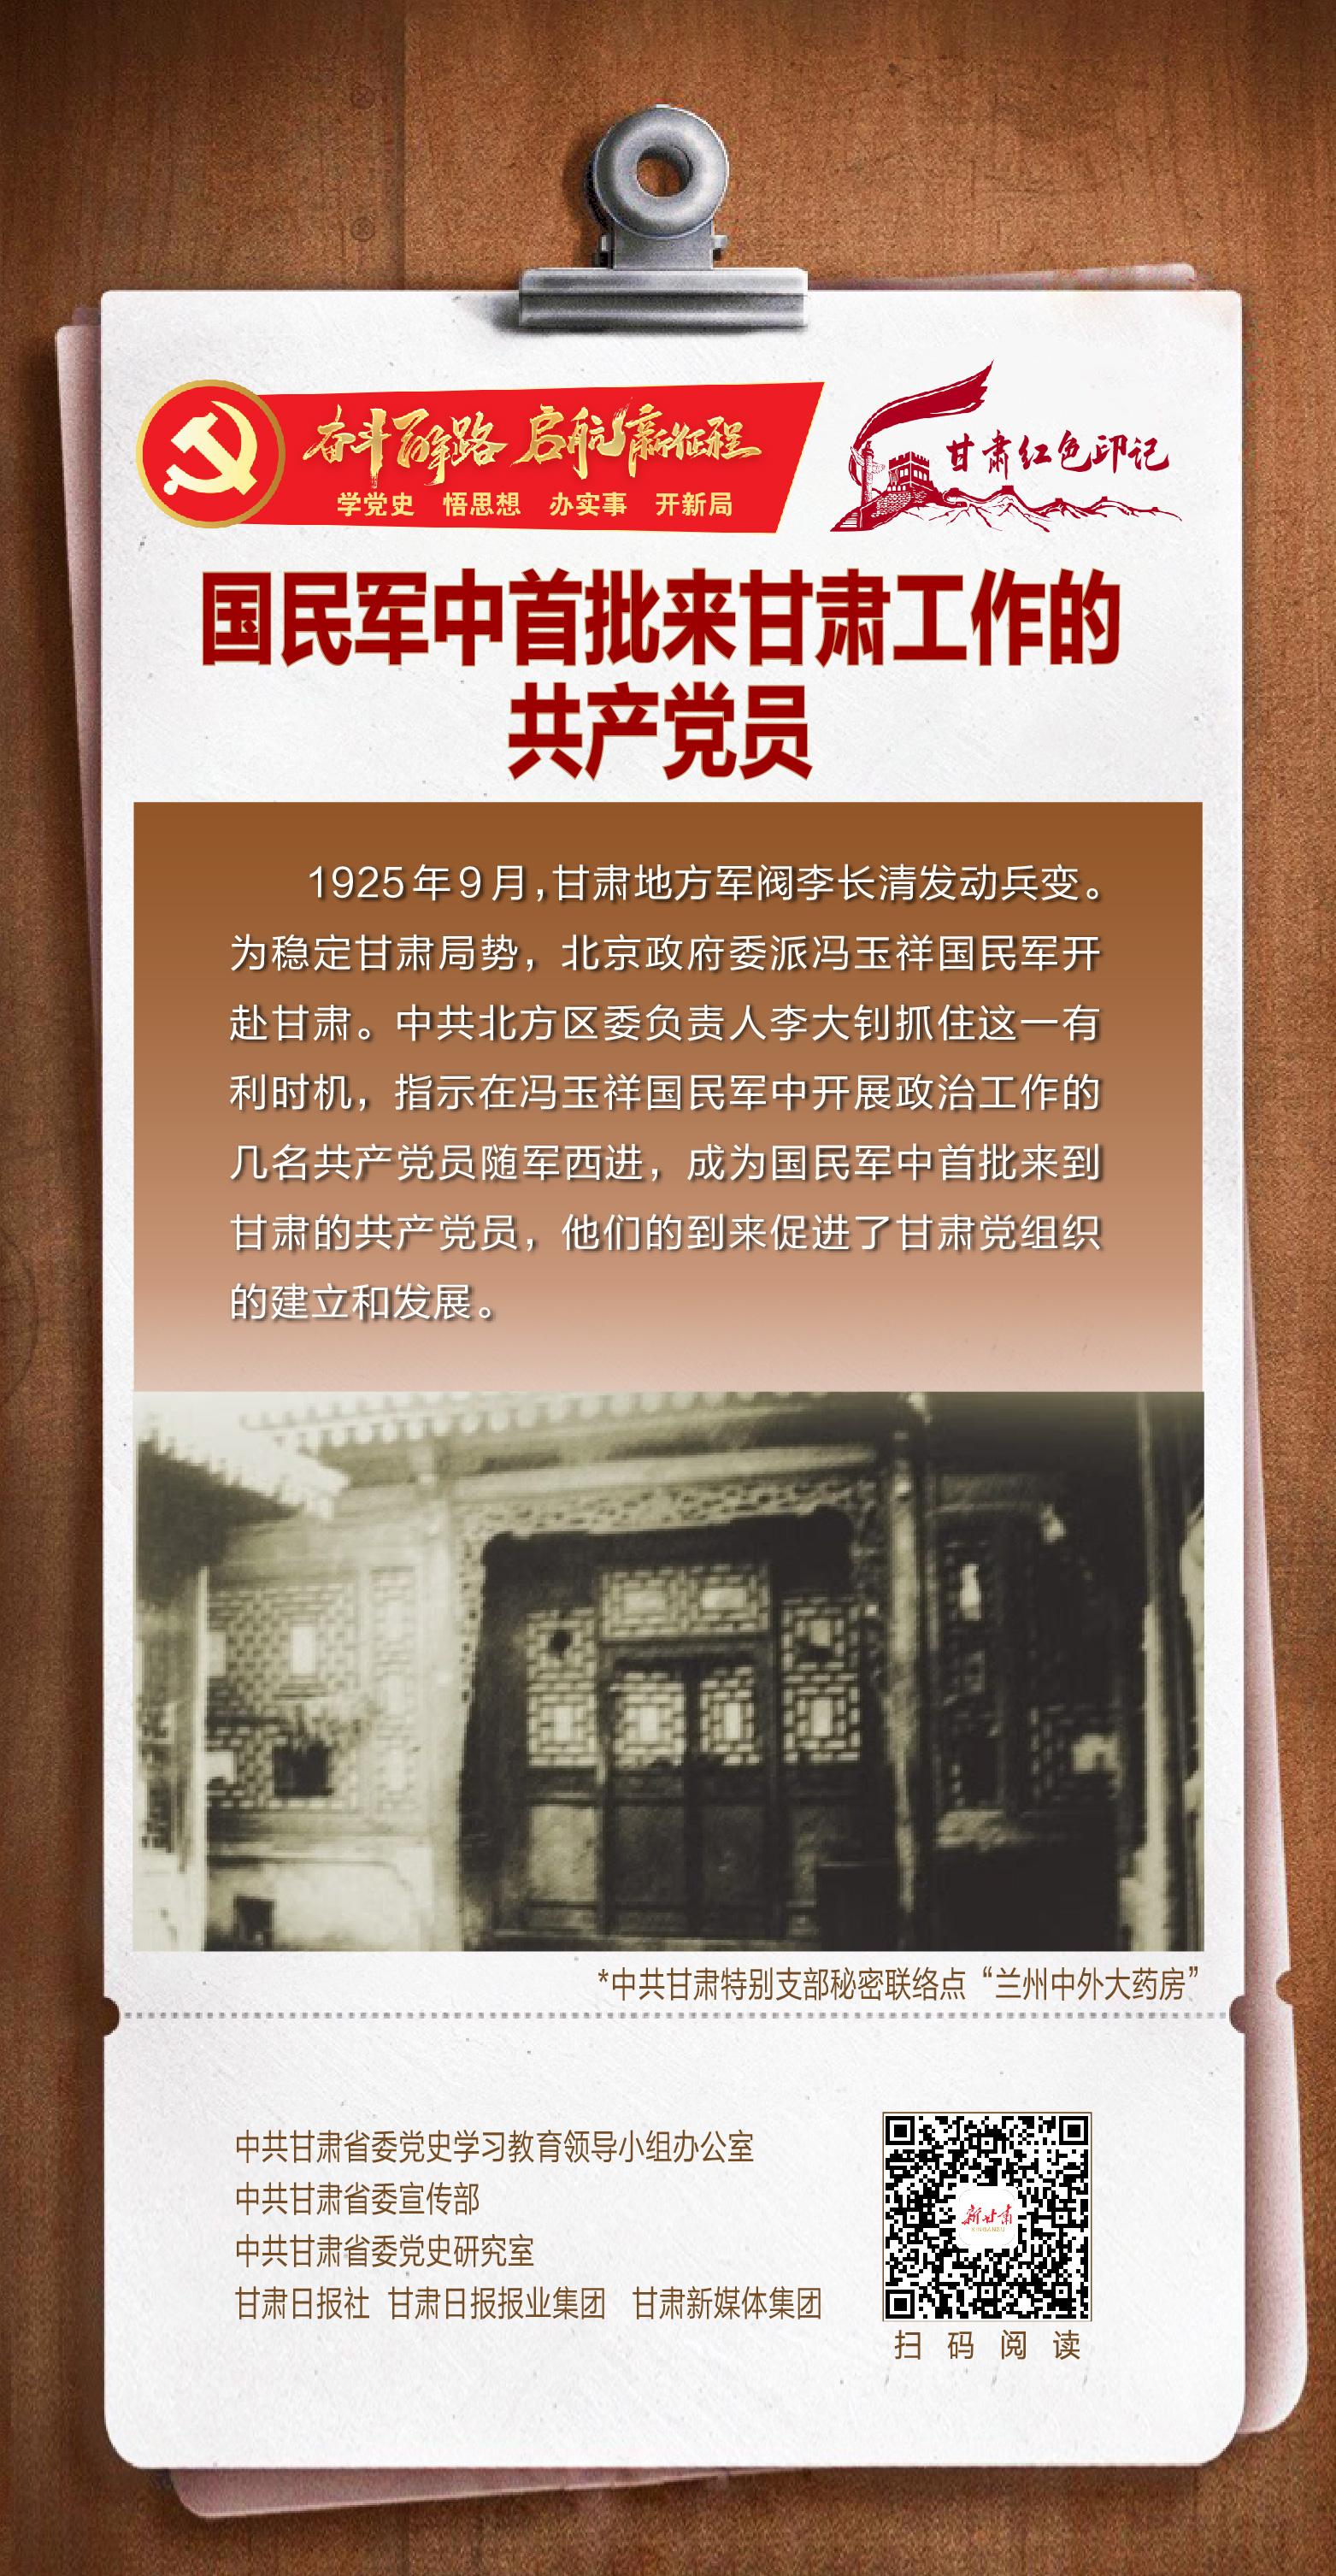 【奋斗百年路 启航新征程】甘肃红色印记③|国民军中首批来甘肃工作的共产党员